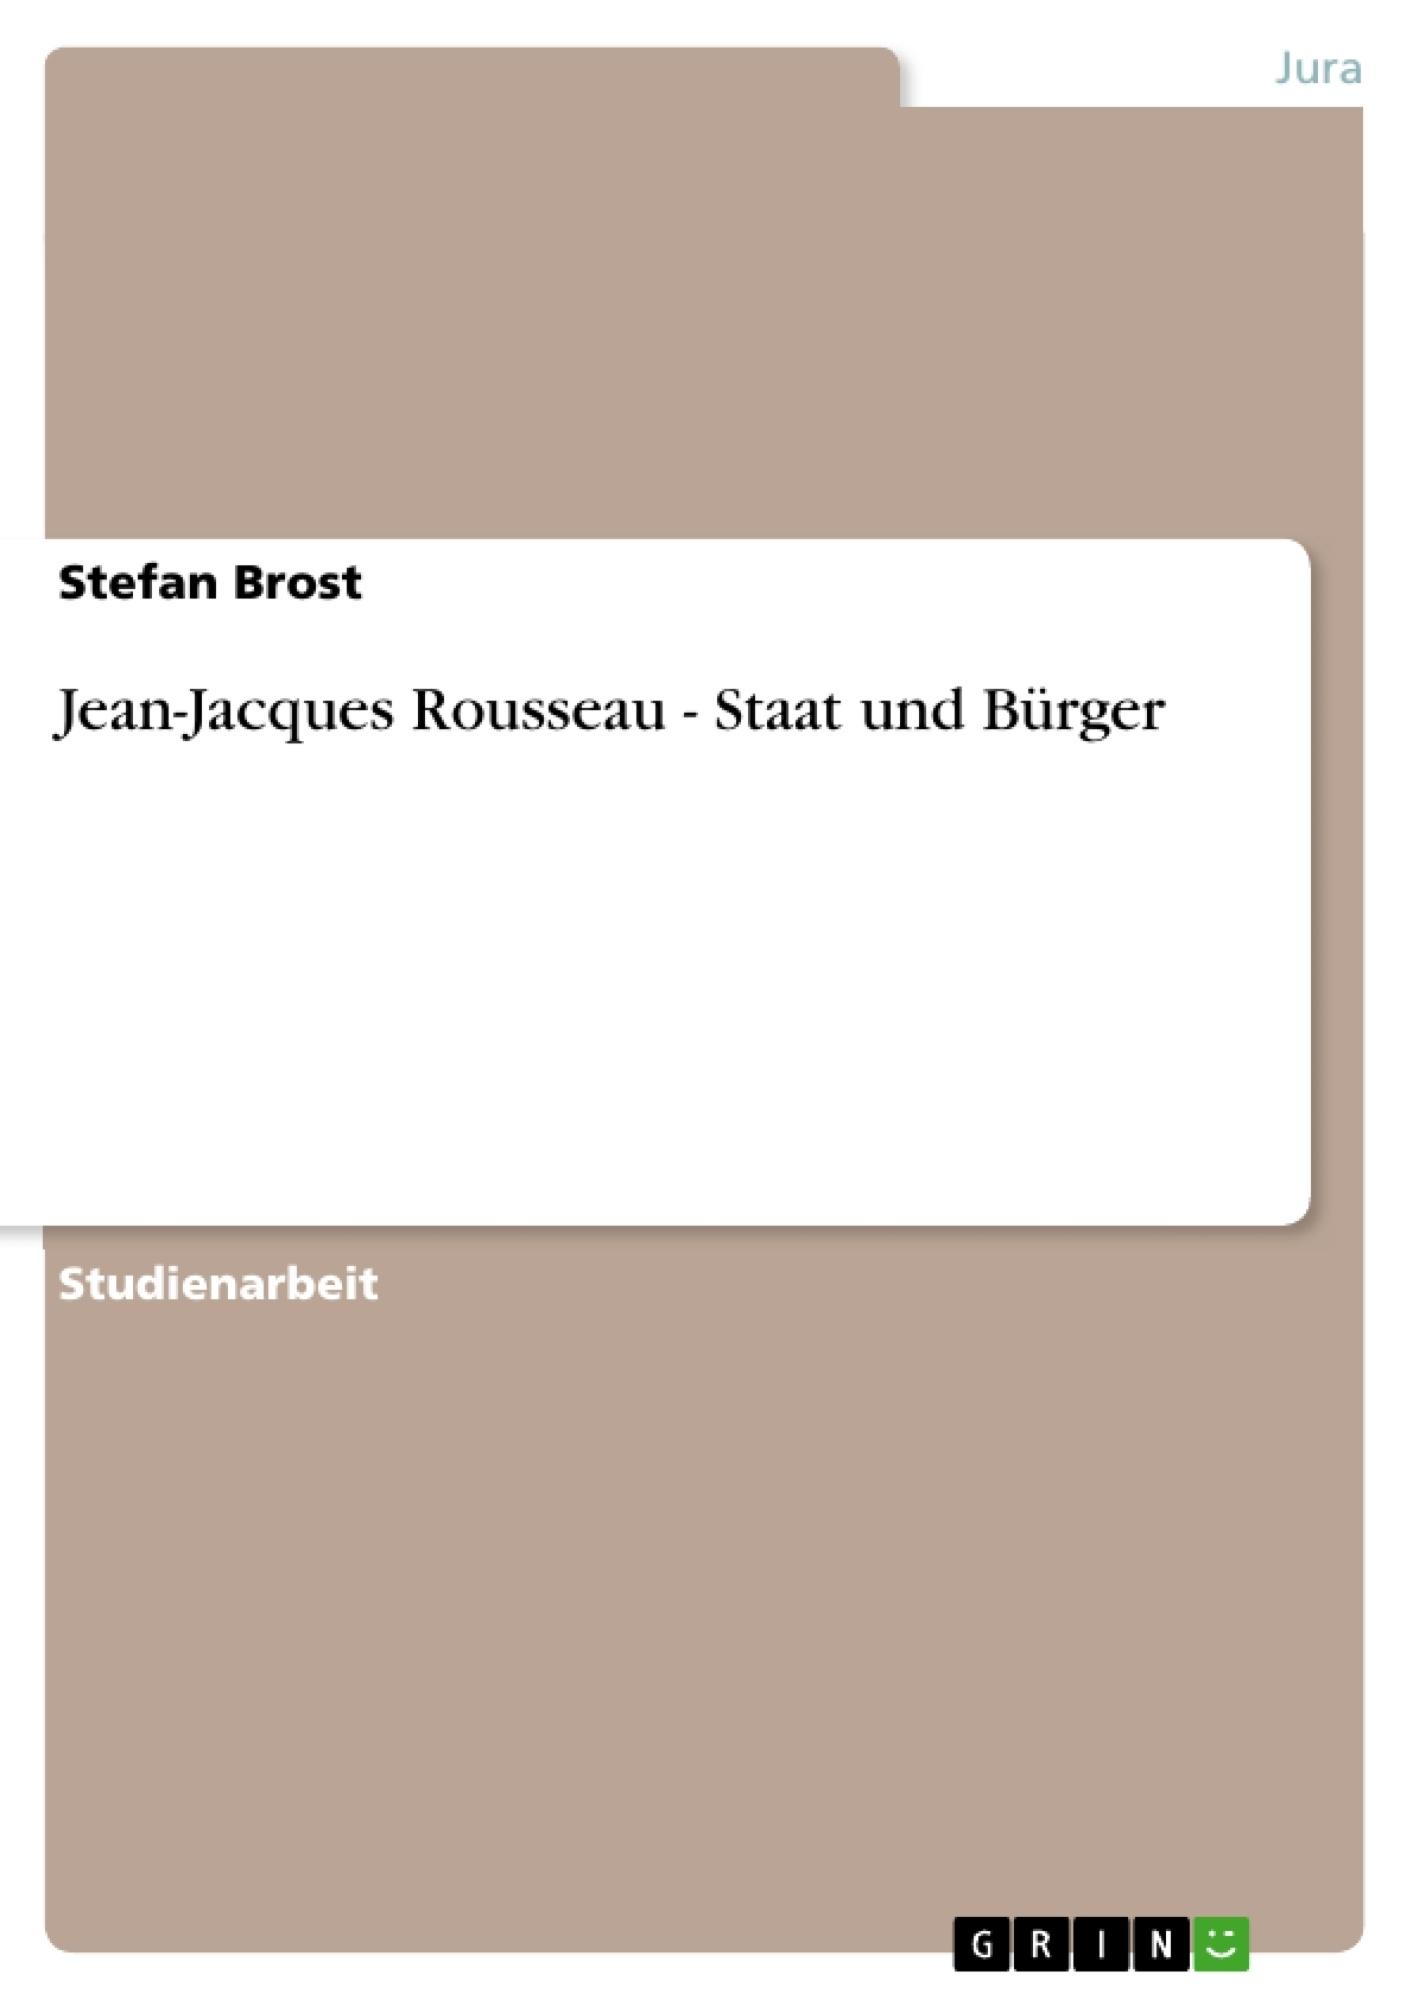 Titel: Jean-Jacques Rousseau - Staat und Bürger